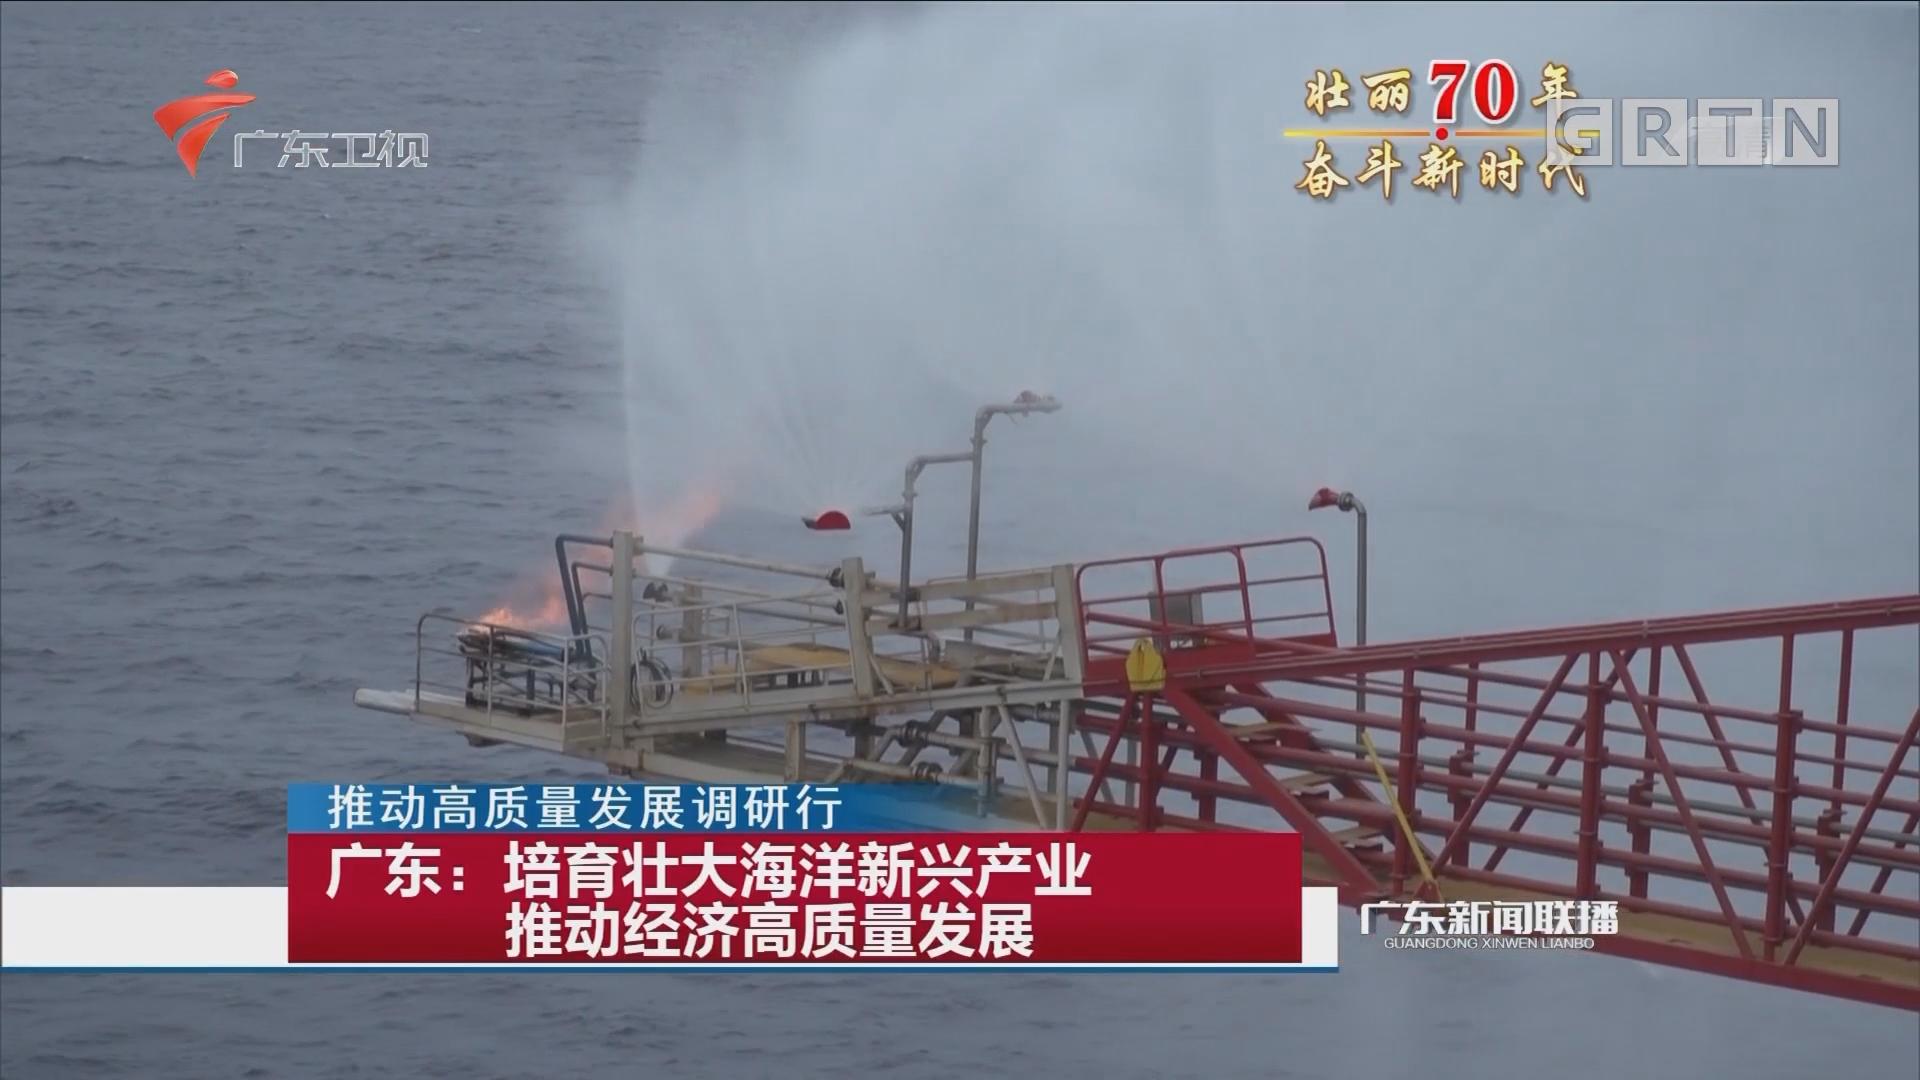 广东:培育壮大海洋新兴产业 推动经济高质量发展